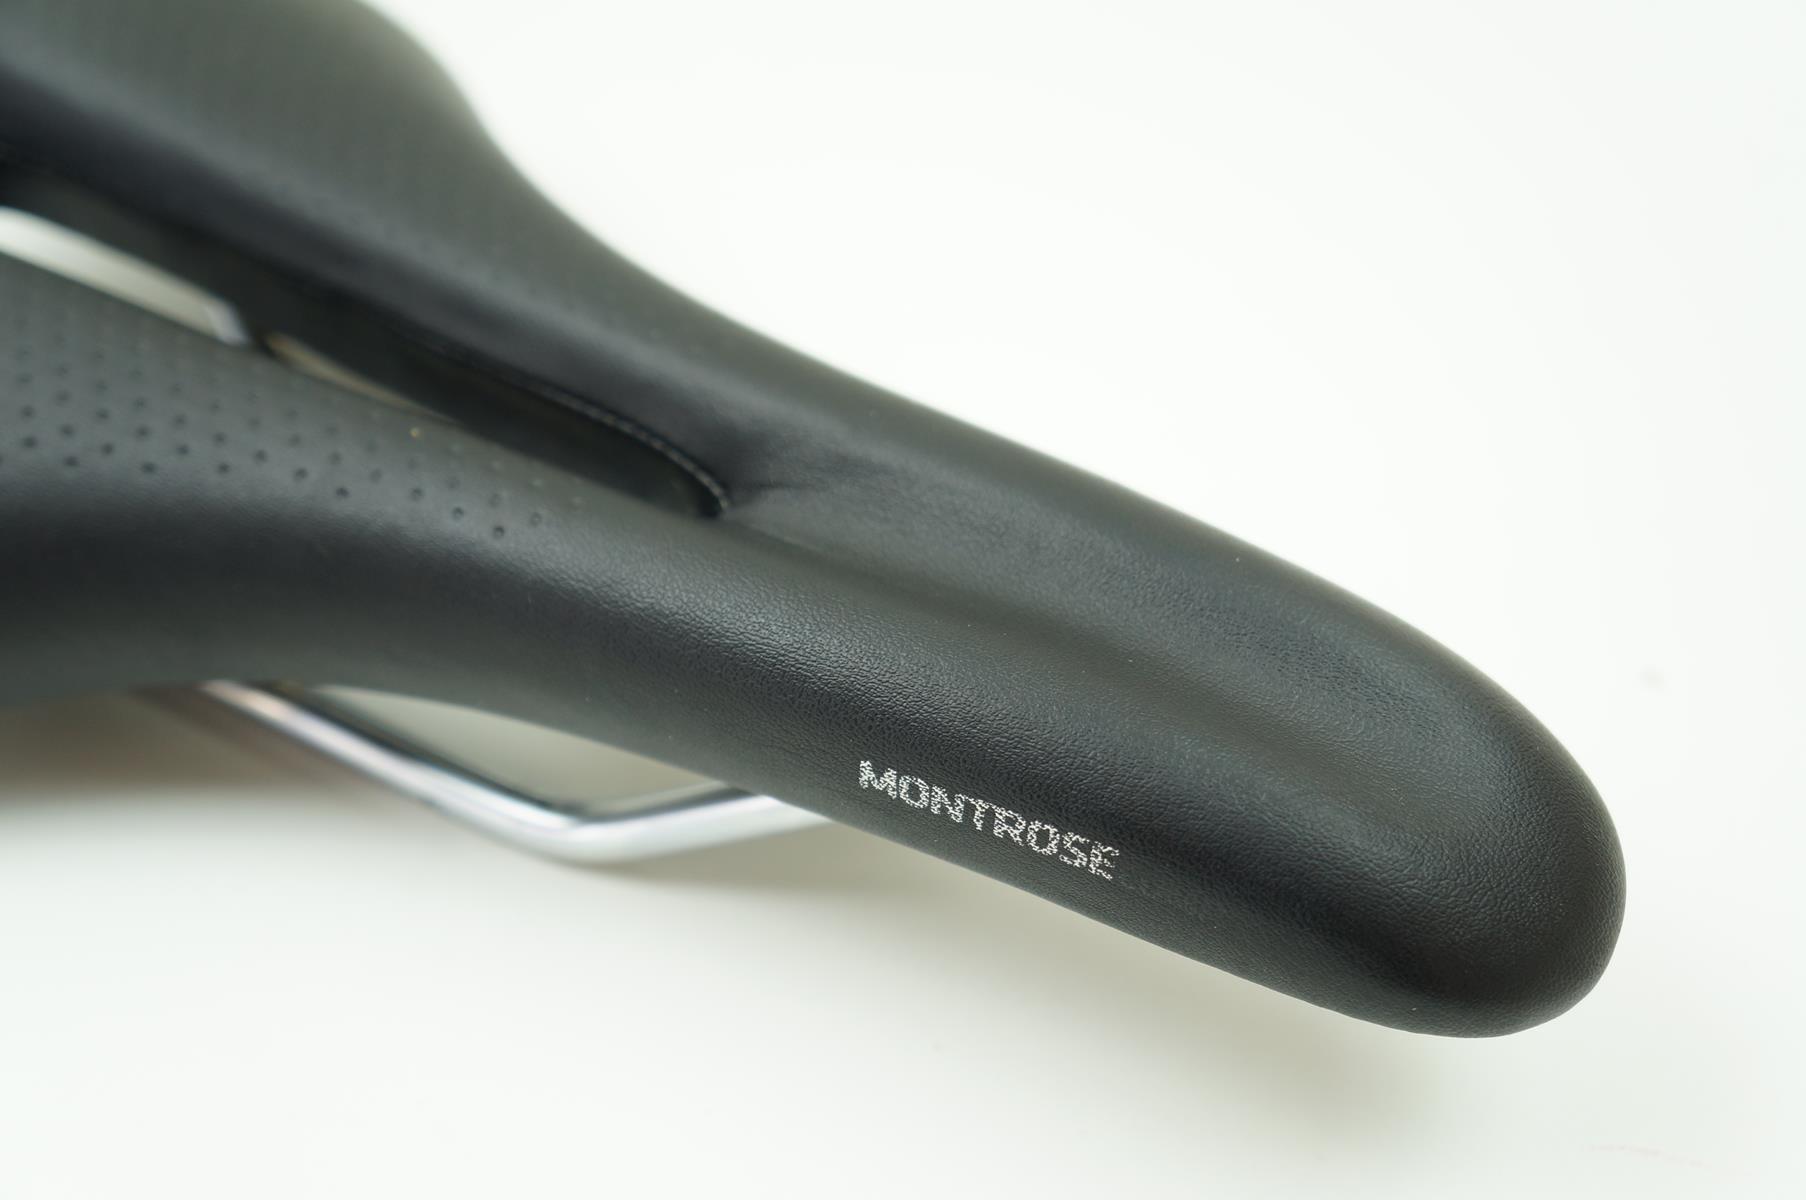 Selim Bicicleta Bontrager Montrose Comp Vazado Preto Mtb Ou Speed 138mm - USADO